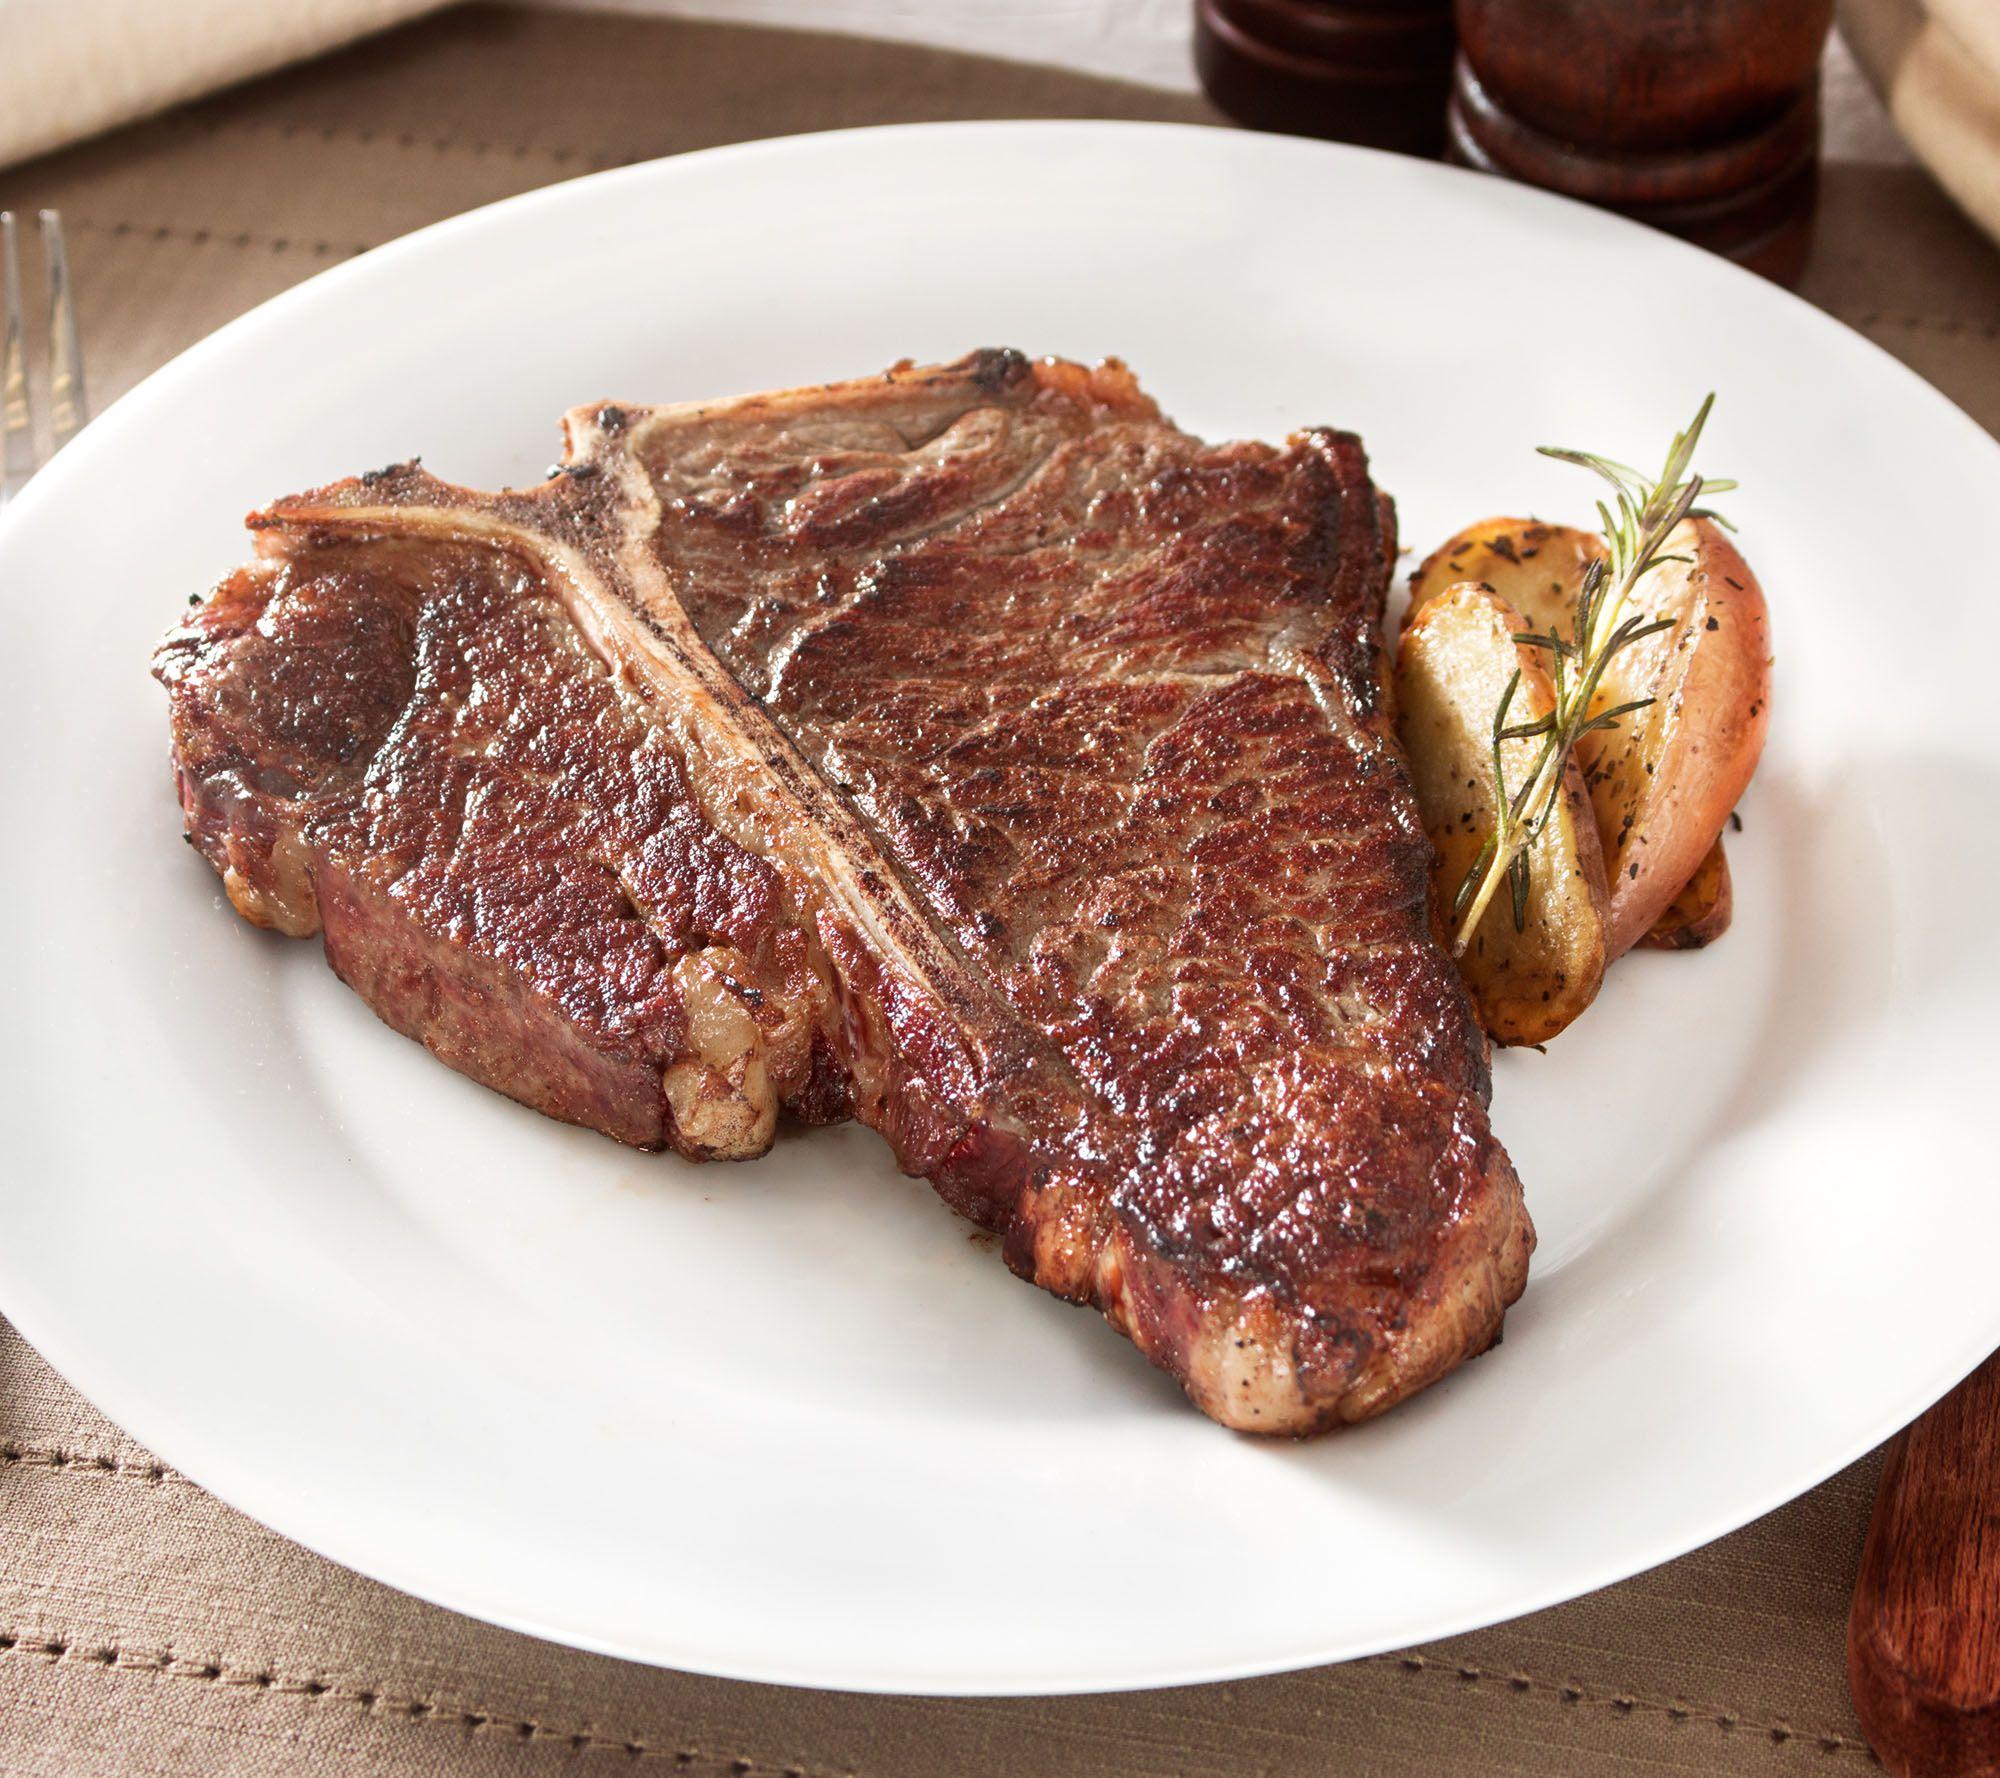 Blue apron qvc - Rastelli Market Fresh 4 16 Oz Black Angus Porterhouse Steak Page 1 Qvc Com